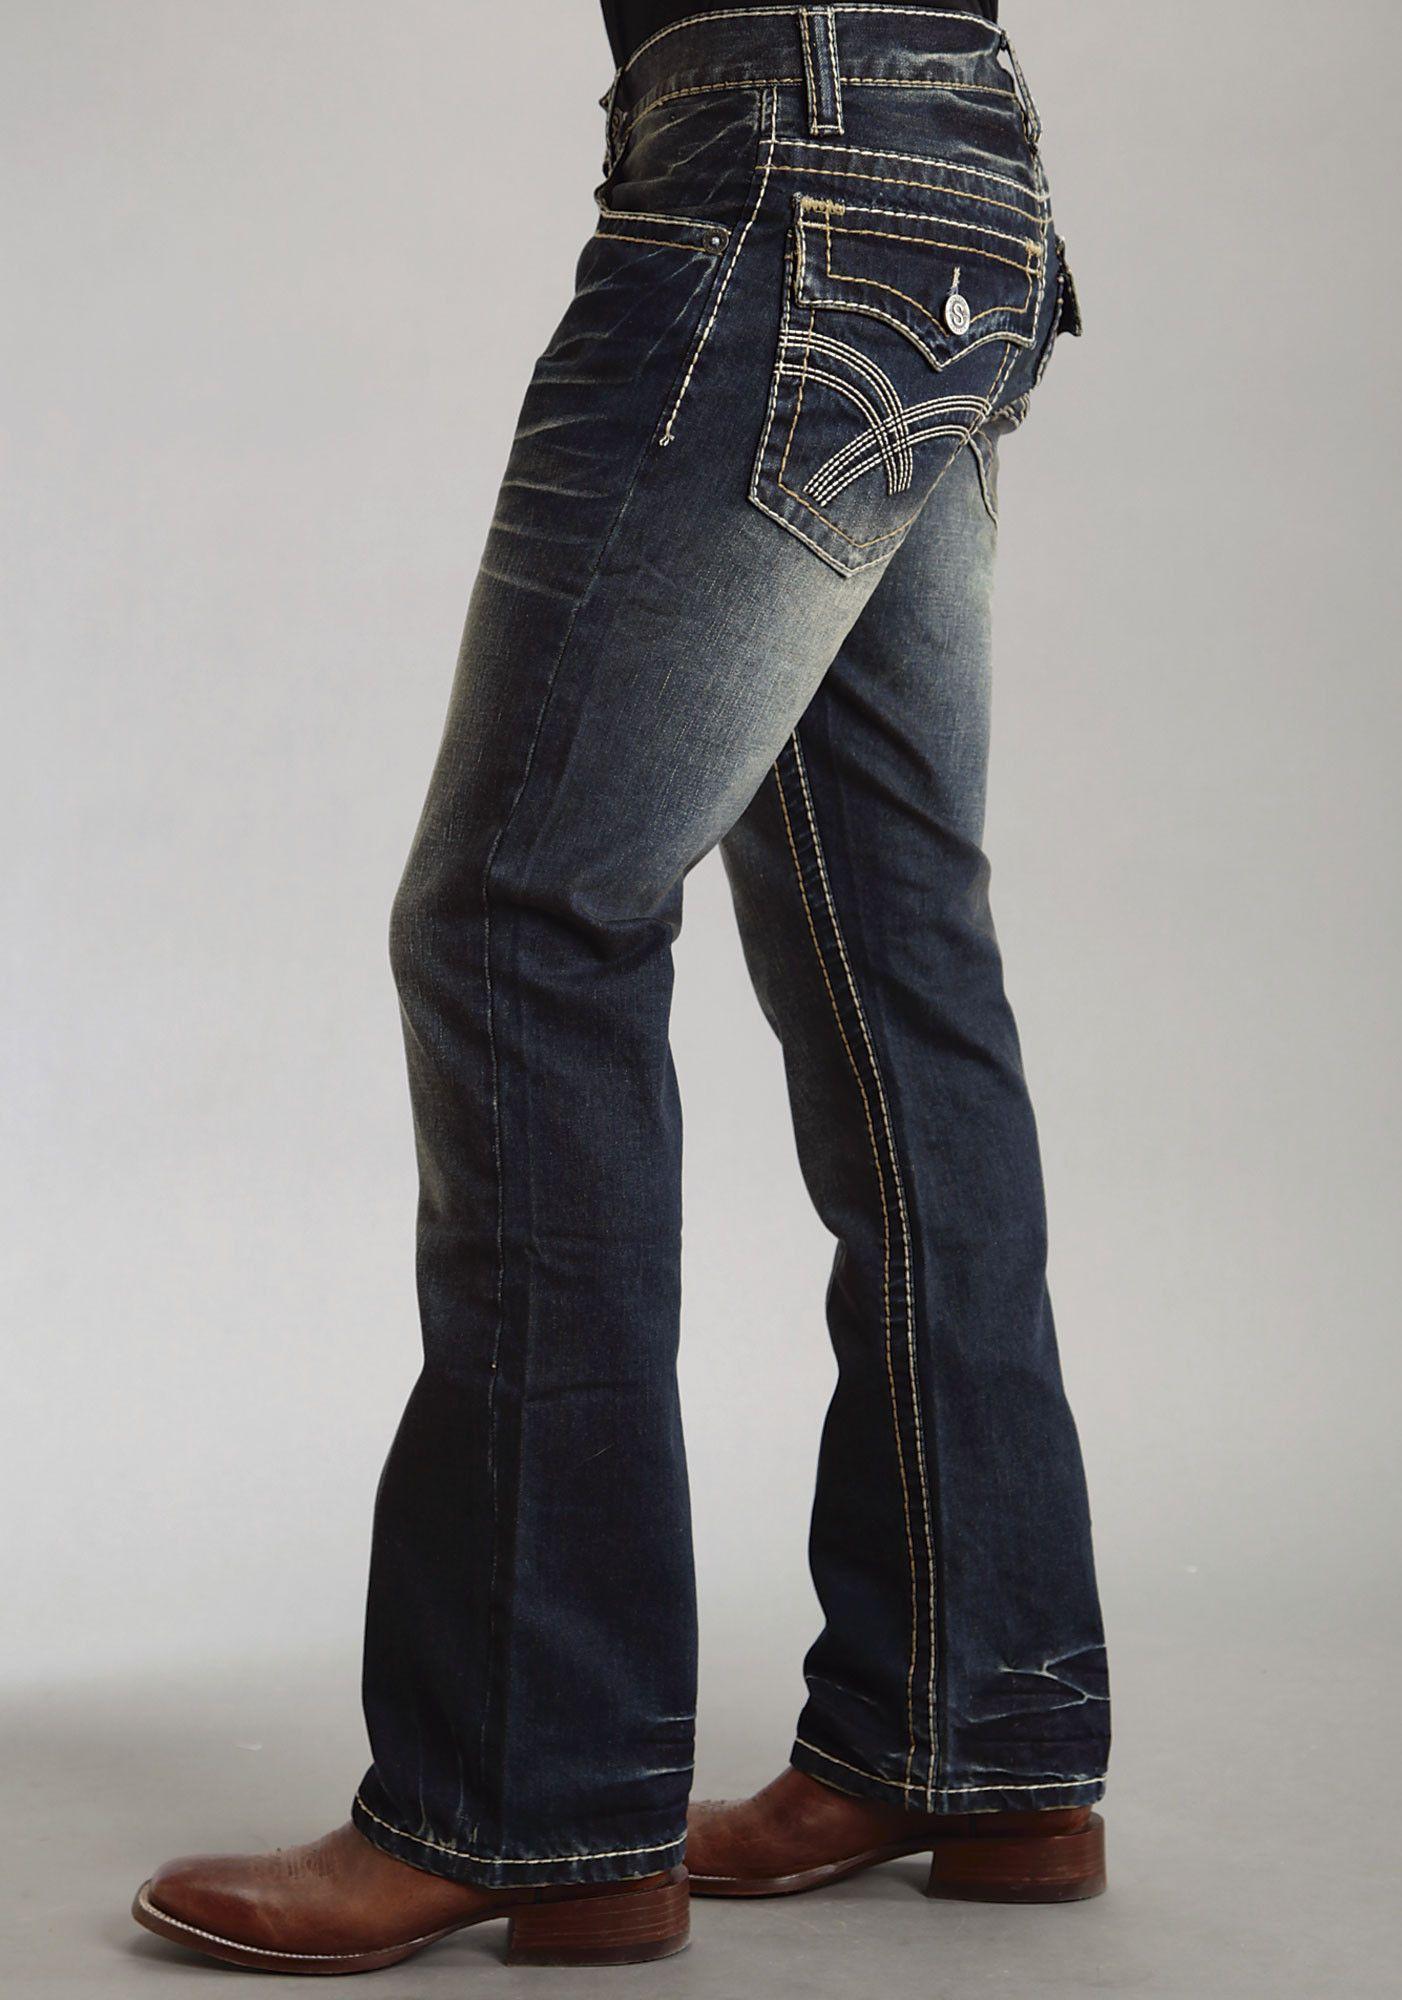 Diesel Bootcut Jeans Mens